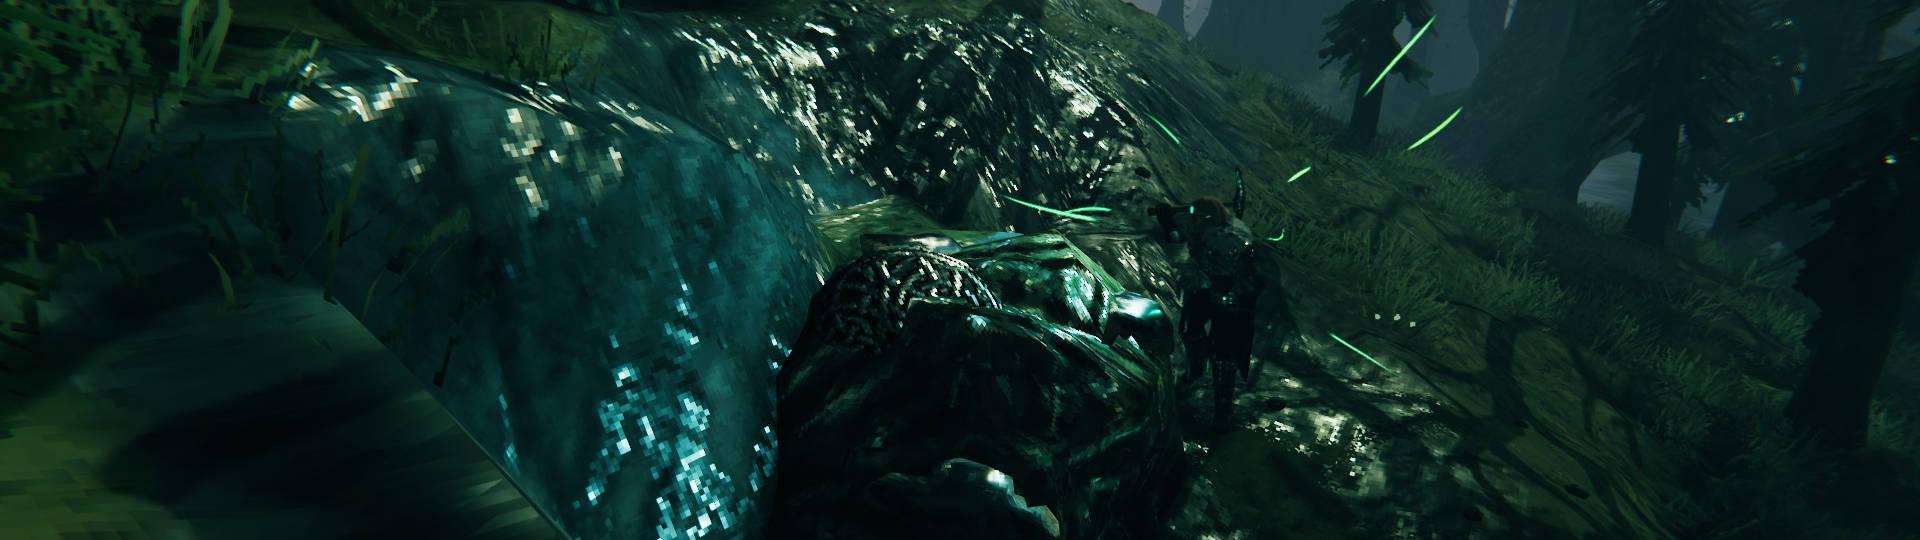 Valheim Iron Swamp vergrabene Scheibe